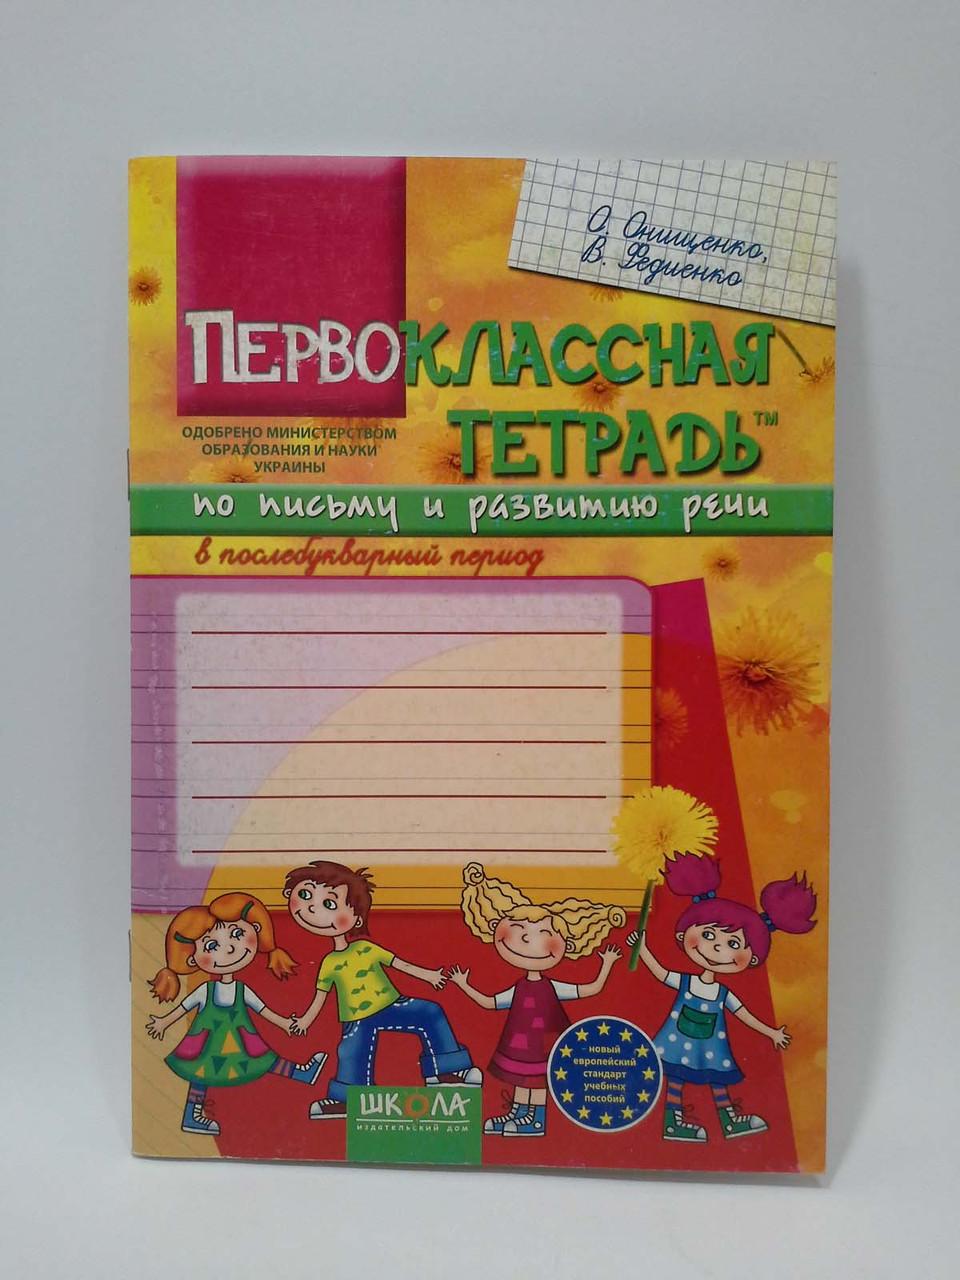 Першокласний зошит з письма та розвитку мовлення Федієнко Школа